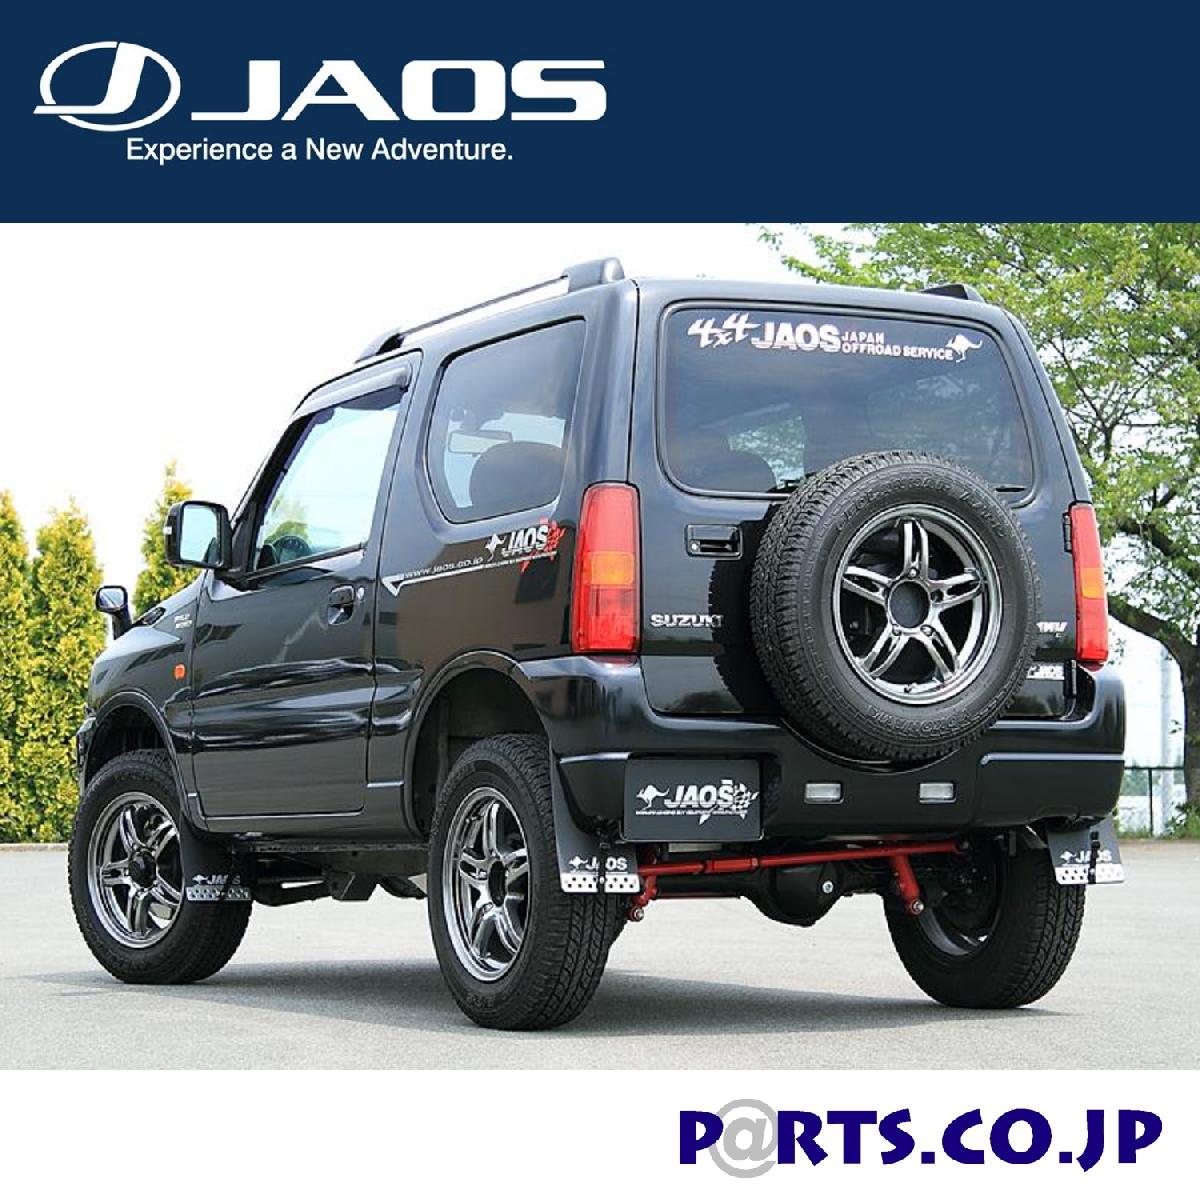 スズキ ジムニー フェンダー JAOS マッドガード3 フロントセット ブラック ジムニー JB23系